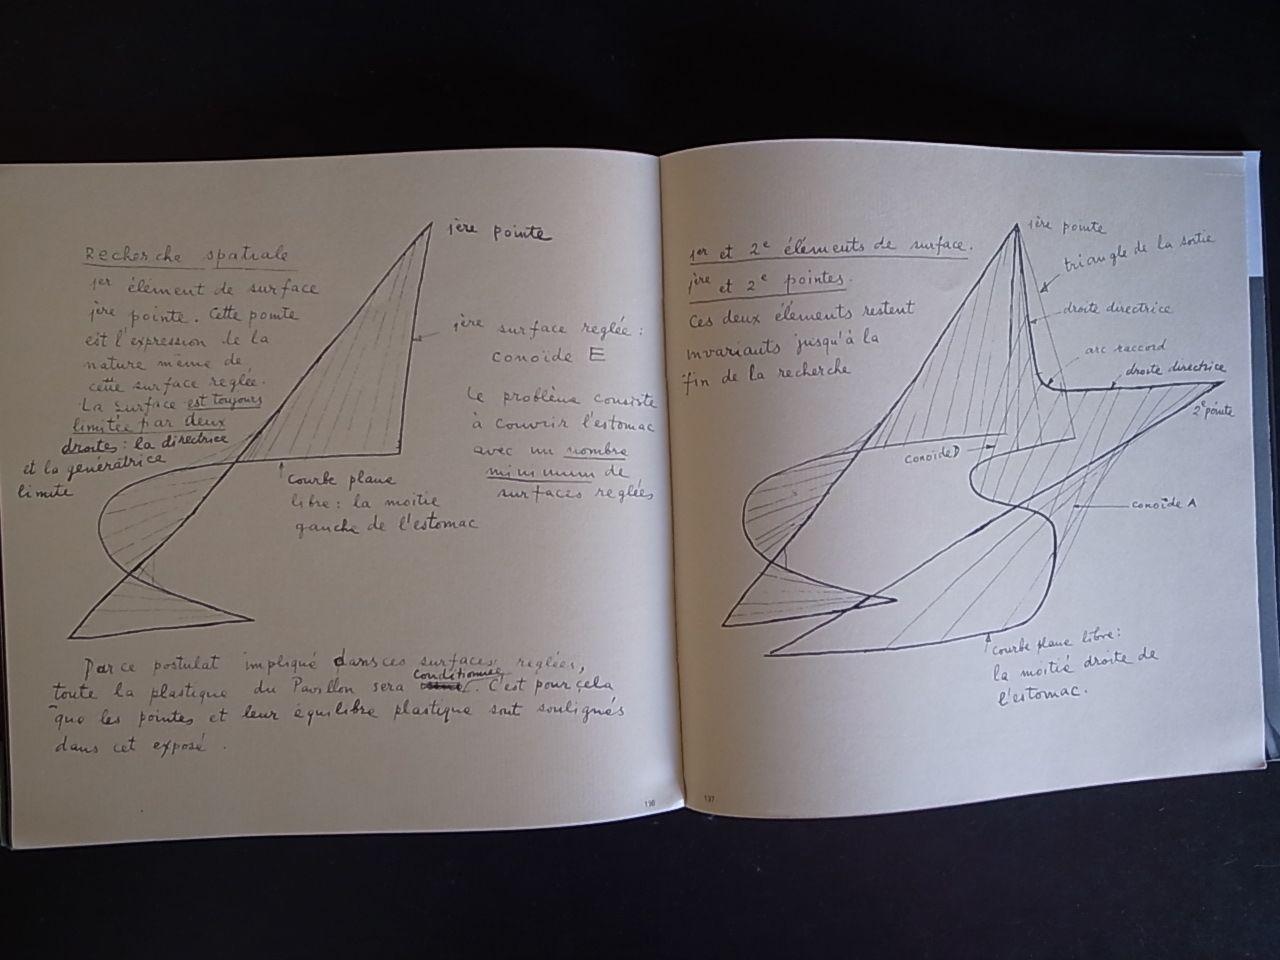 Le Poeme Electronique Le Corbusier Books Books